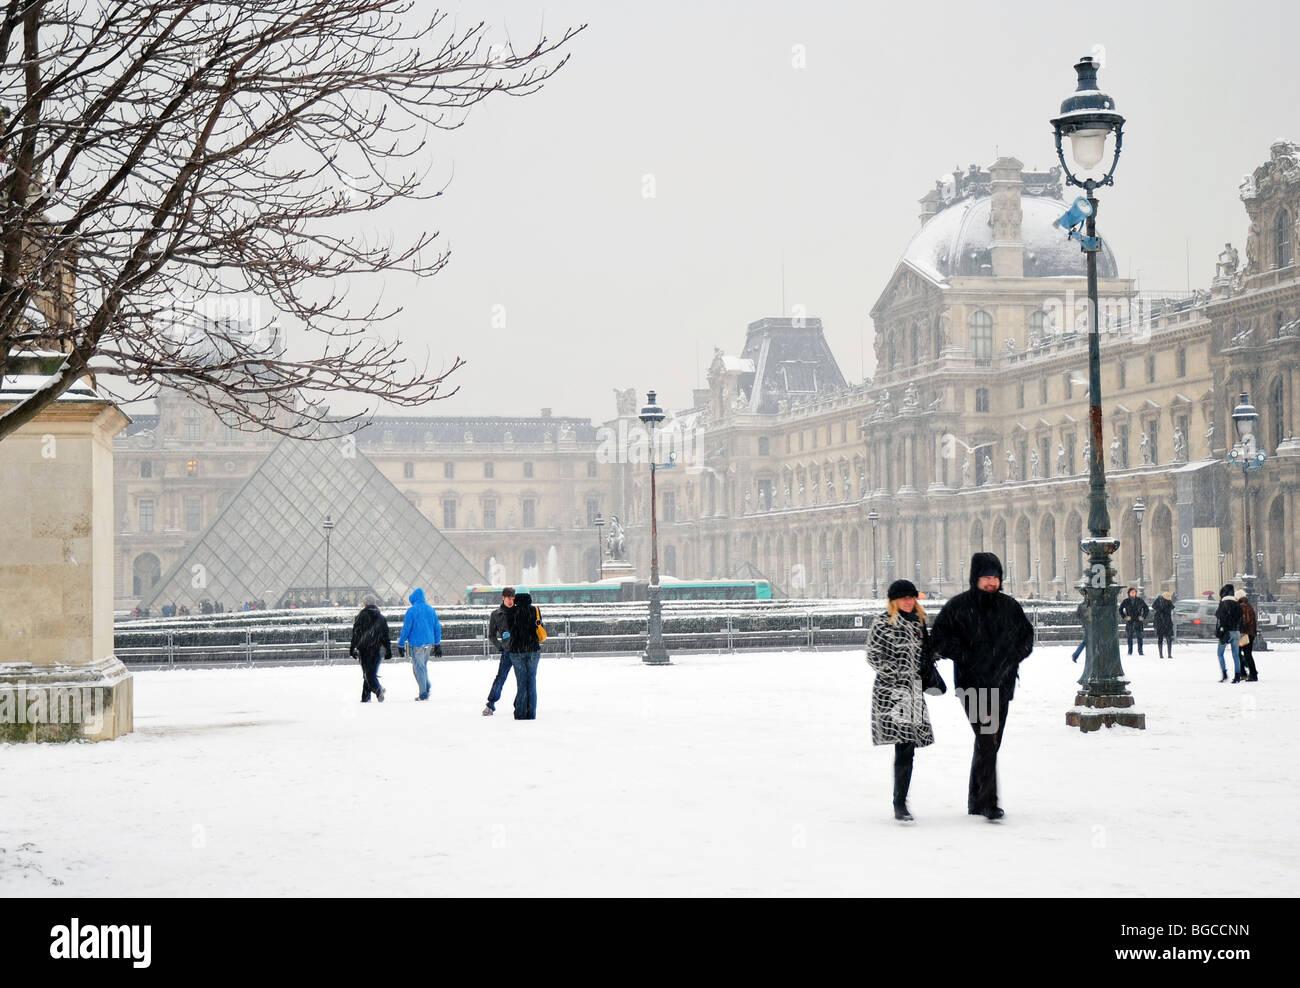 Paris, France, Winter Snow Storm, Tourists  visiting Louvre museum - Stock Image